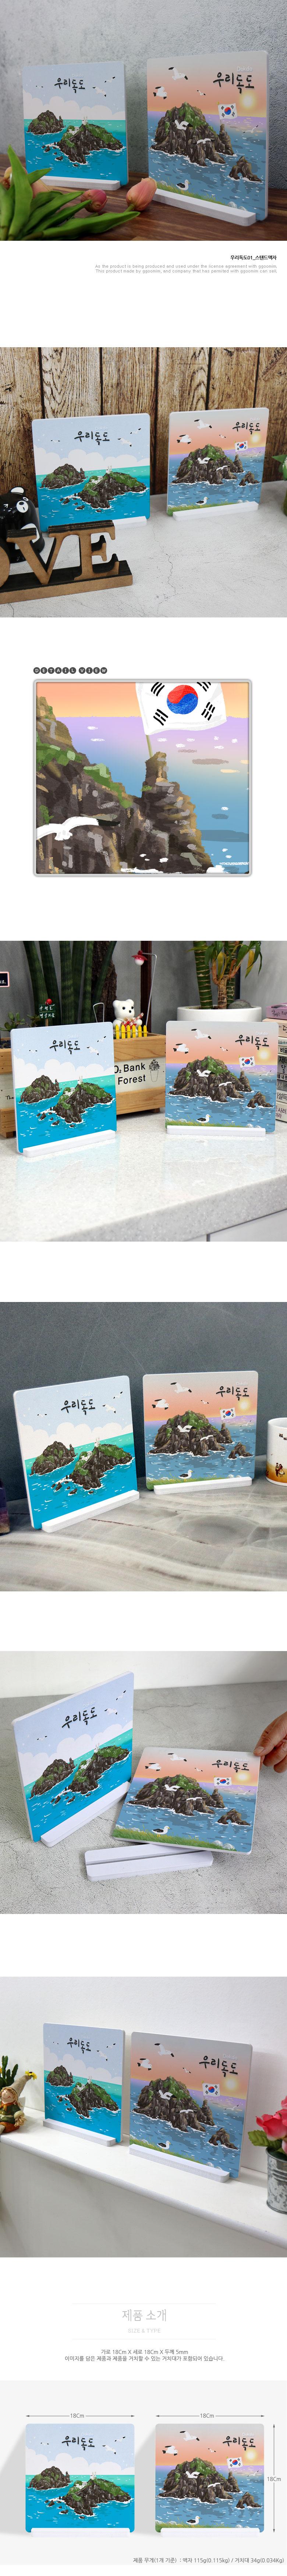 스탠드액자2P_우리독도01 - 꾸밈, 16,000원, 홈갤러리, 사진아트